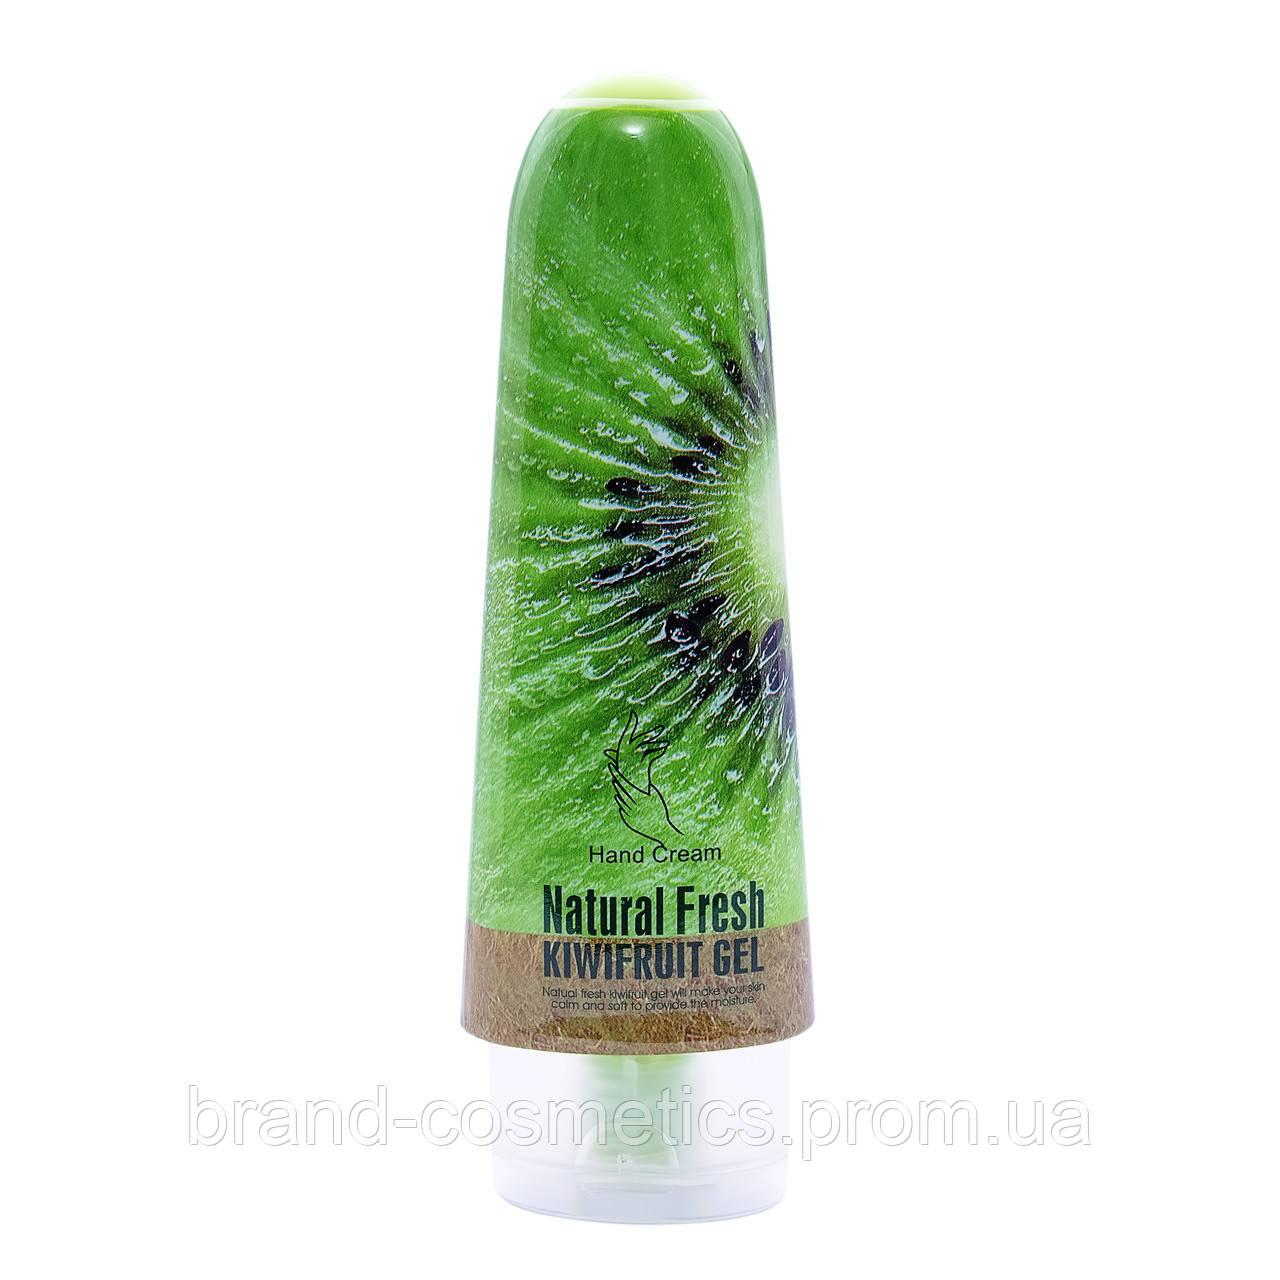 Крем для рук NATURAL FRESH Kiwifruit